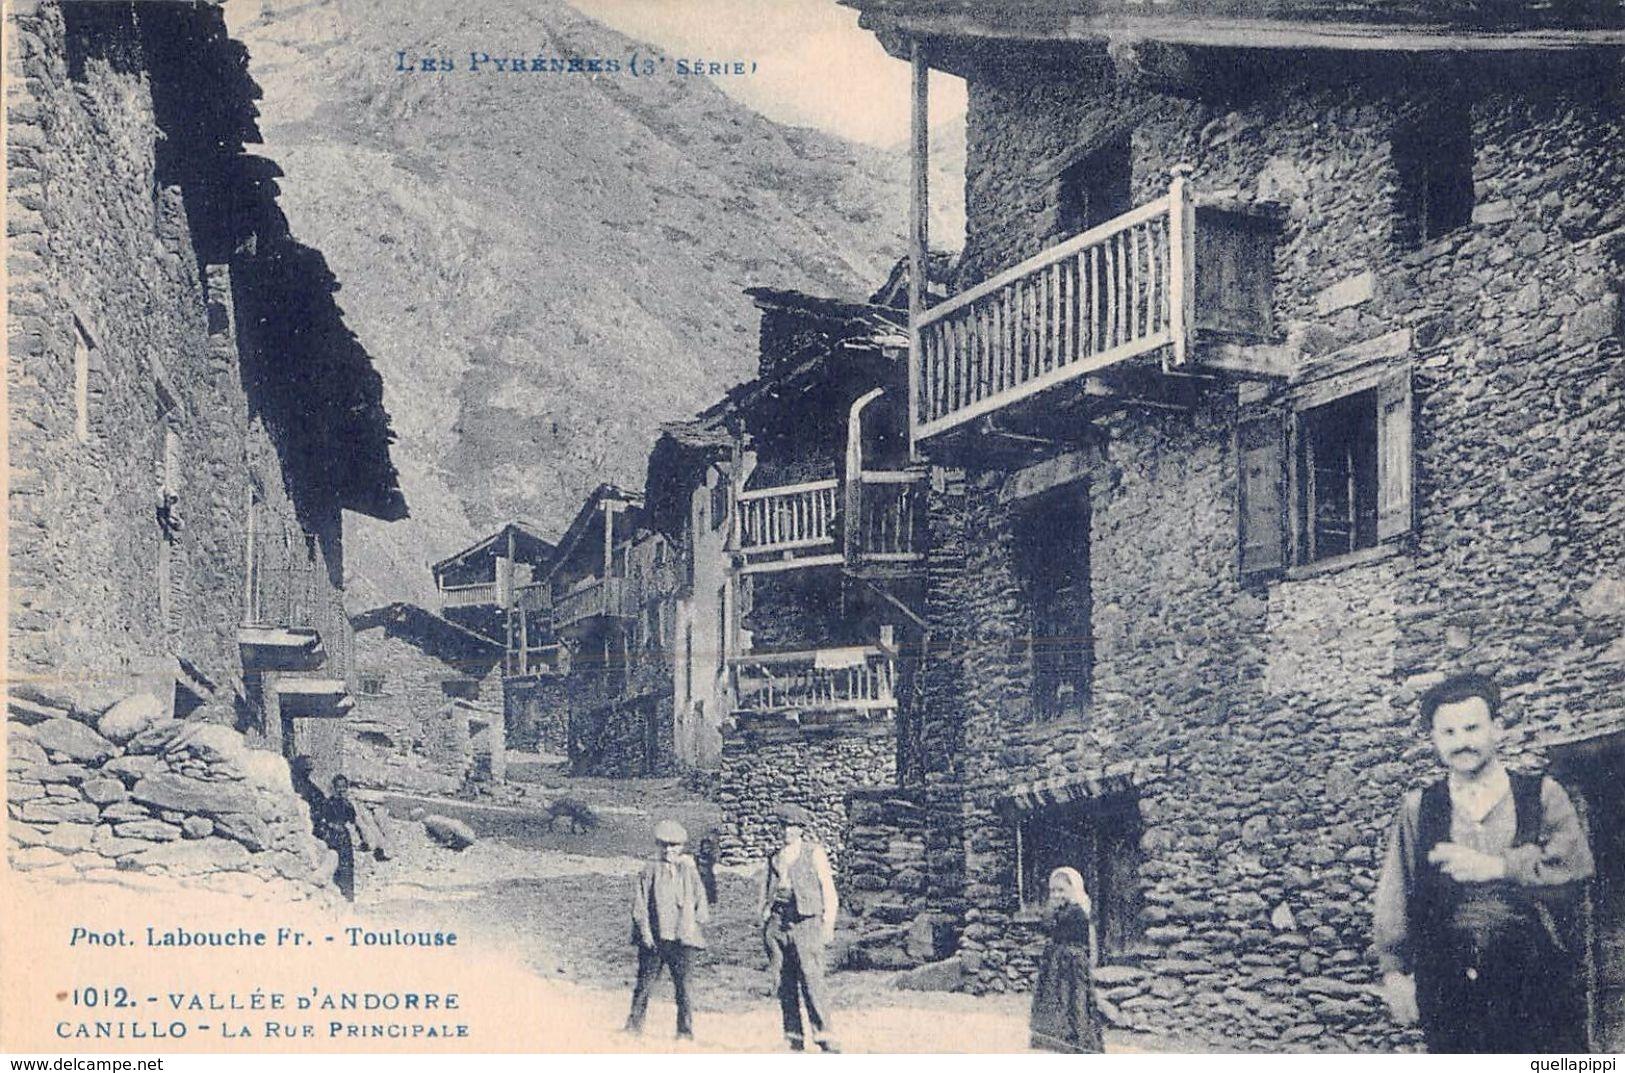 """06748 """"ANDORRA - VALEE D'ANDORRE CANILLO - LA RUF PRINCIPALE""""  ANIMATA, PHOT. LABOUCHE. CART NON SPED - Andorra"""